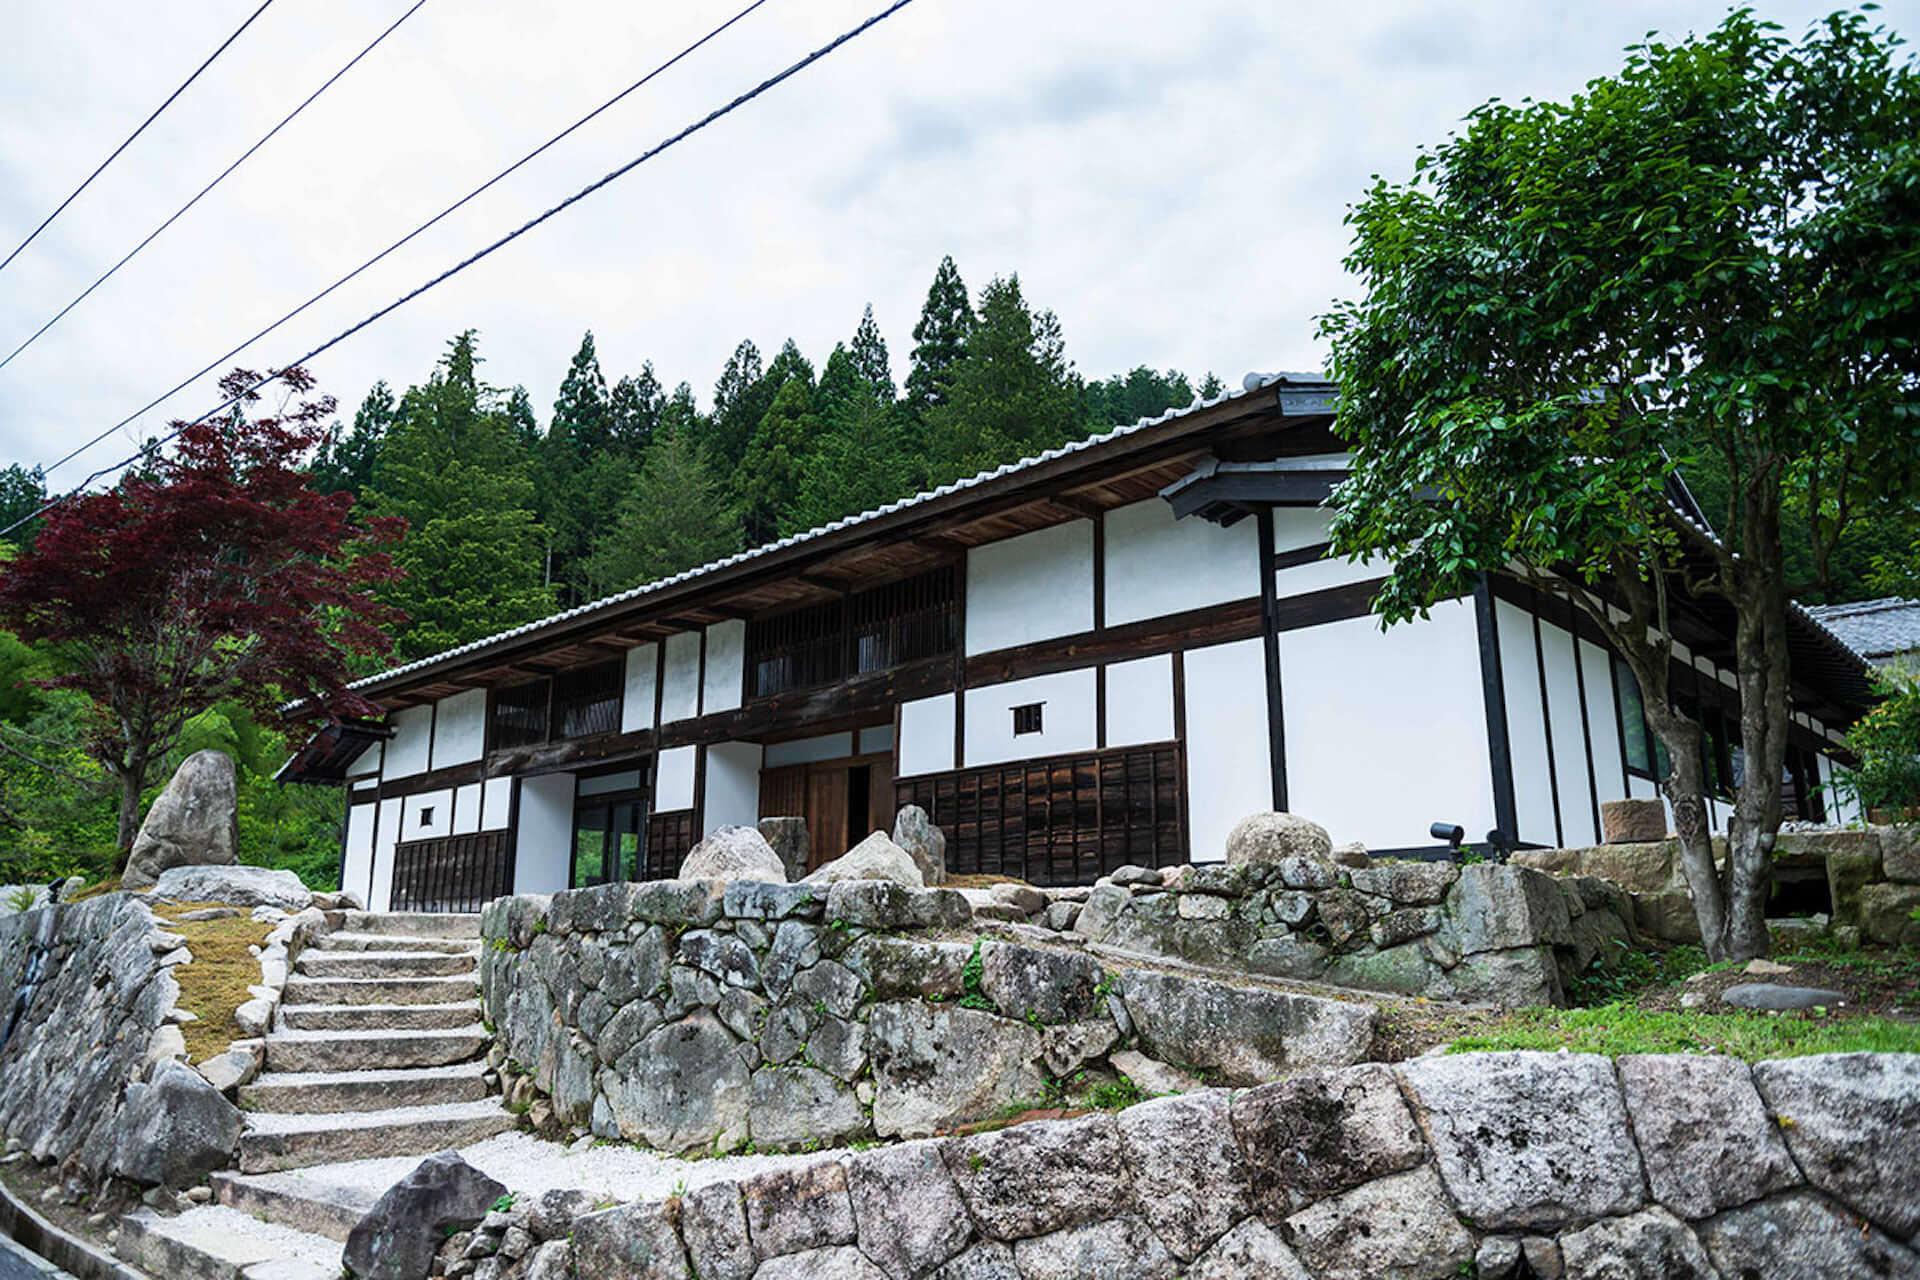 """「日本で最も美しい村」、日本の秘境に古民家ラグジュアリーホテル""""ゼナギ""""がOPEN! 1-1920x1280"""